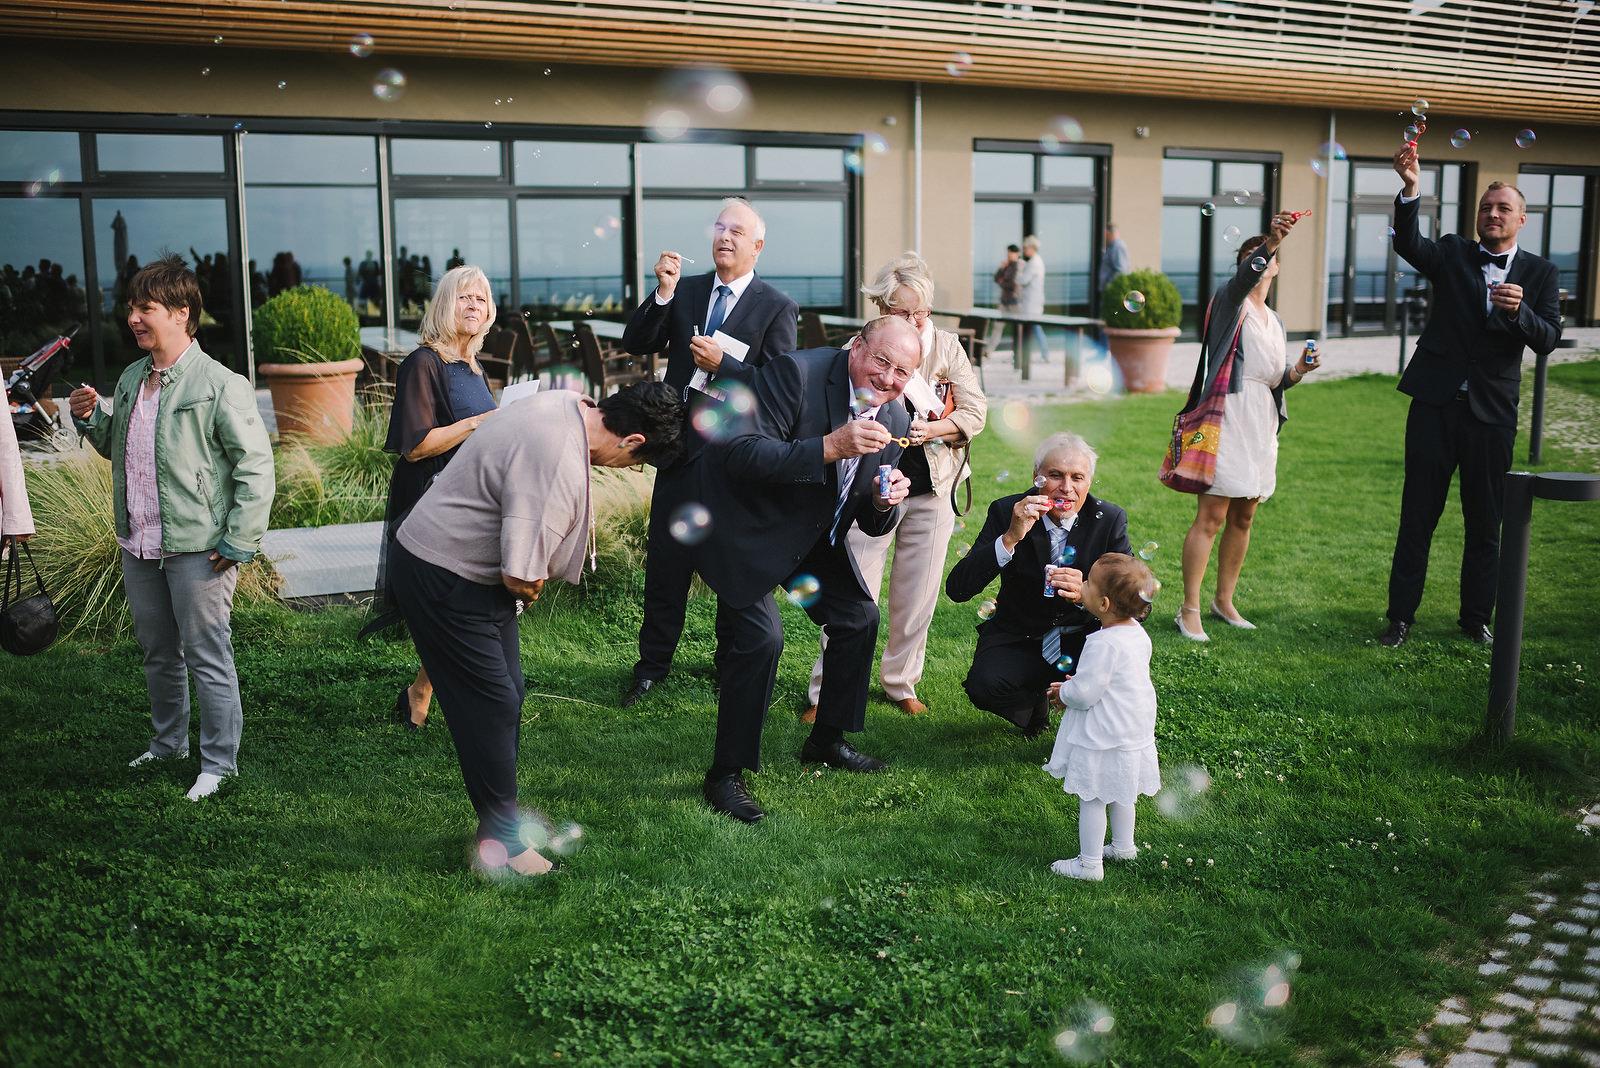 Fotograf Konstanz - Hochzeitsfotograf Reutlingen Achalm Hochzeit EFP 65 - Documentary wedding story on the Achalm, Reutlingen  - 51 -